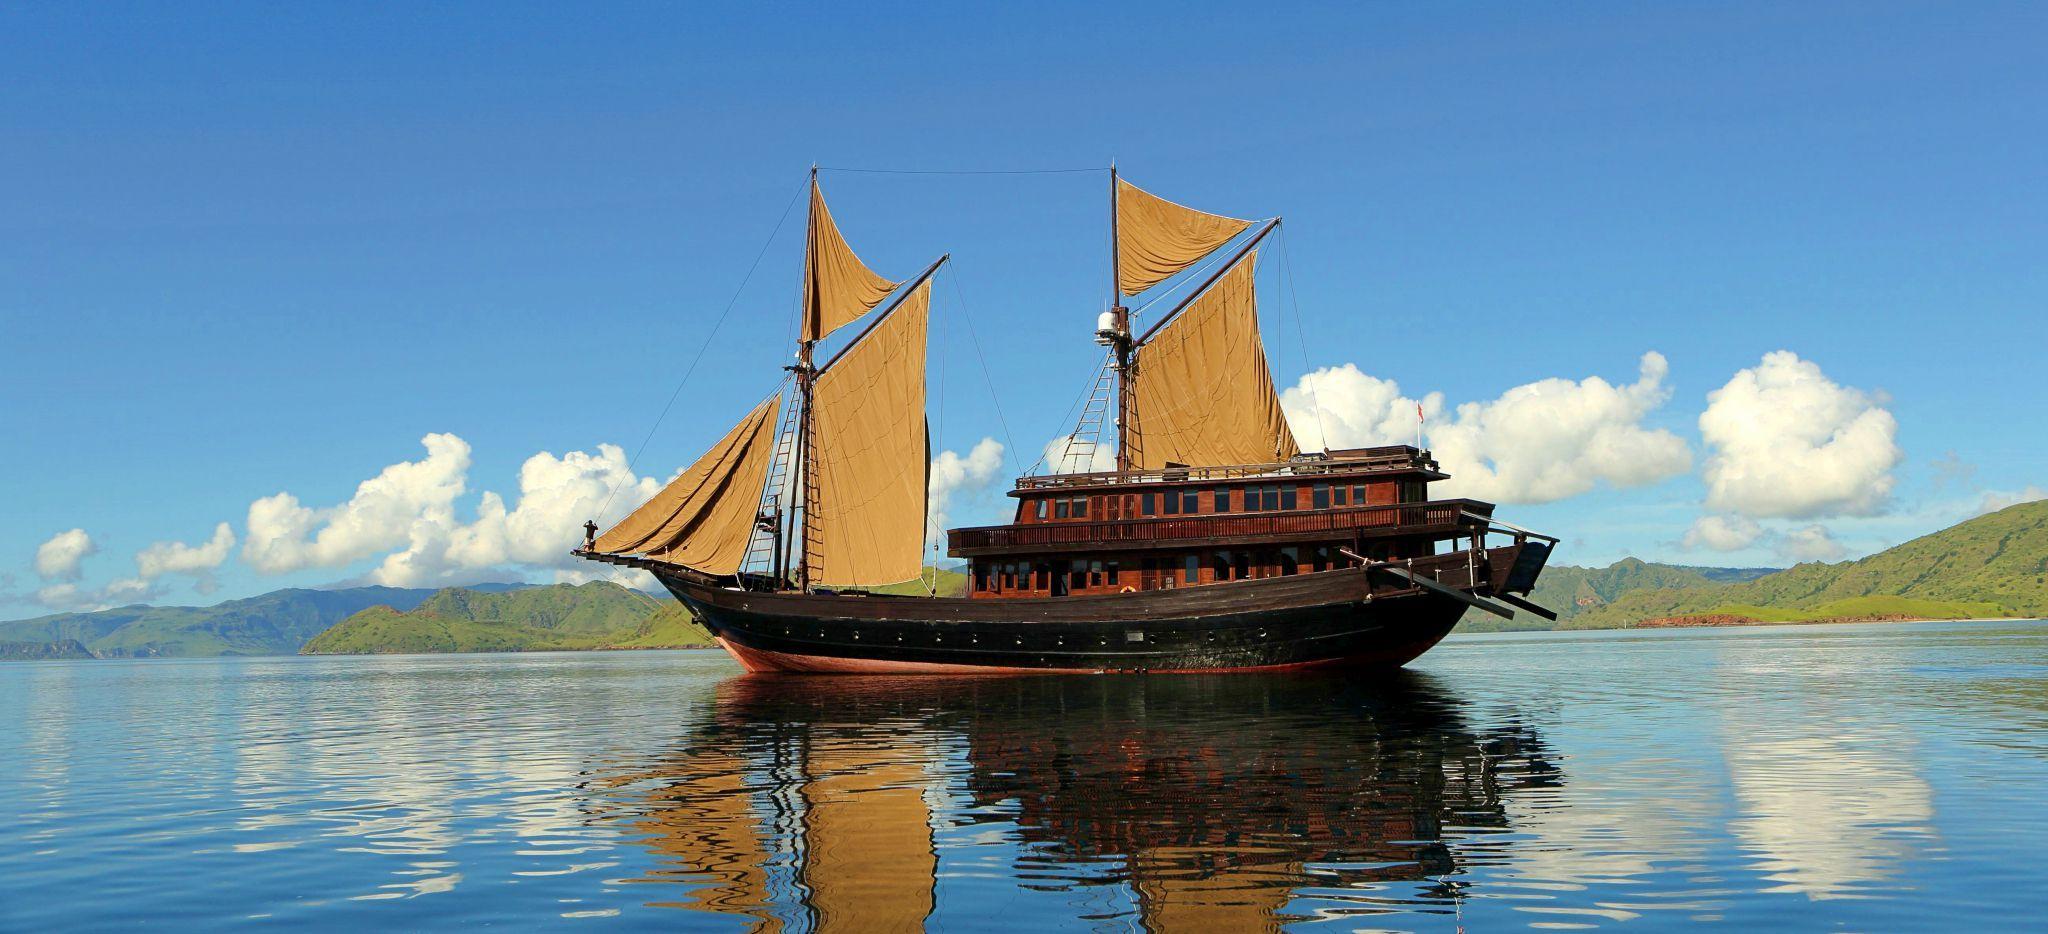 """Außenaufnahmen der Yacht """"Alila Purnama"""", auf dem Meer, Inseln in der Ferne"""